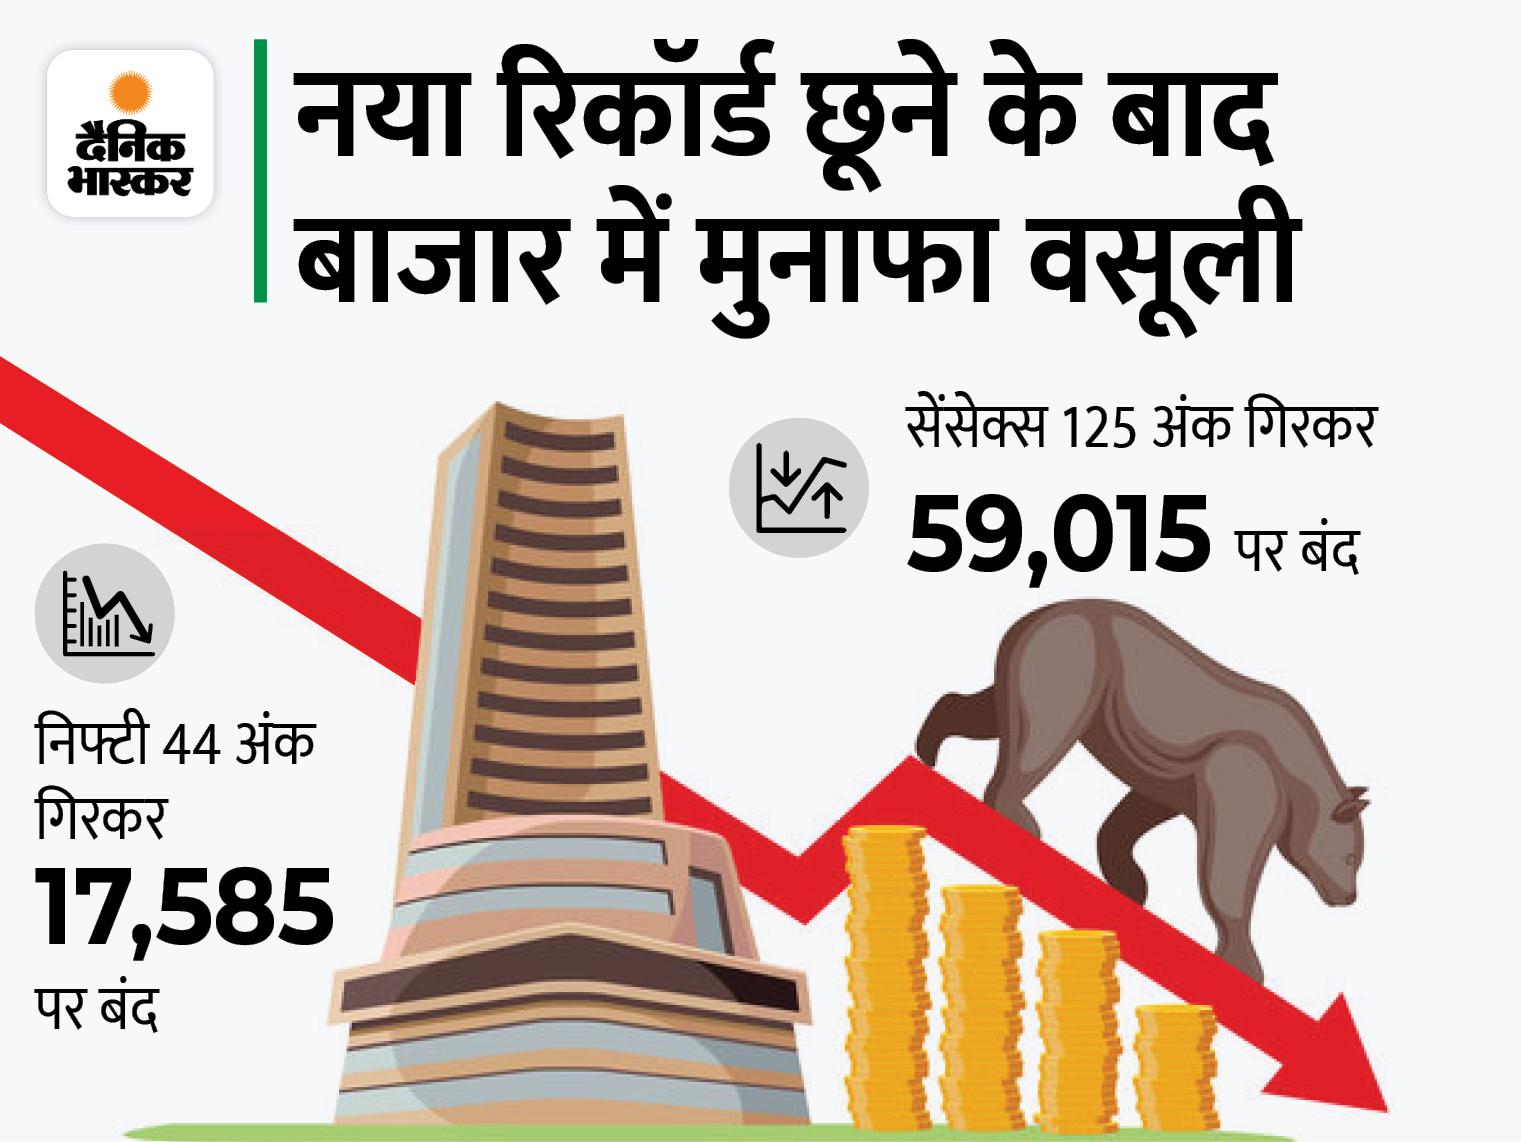 बाजार में मुनाफा वसूली, ऊपरी स्तर से सेंसेक्स 700 और निफ्टी 200 पॉइंट फिसला; बैंकिंग, मेटल शेयर्स गिरे बिजनेस,Business - Dainik Bhaskar